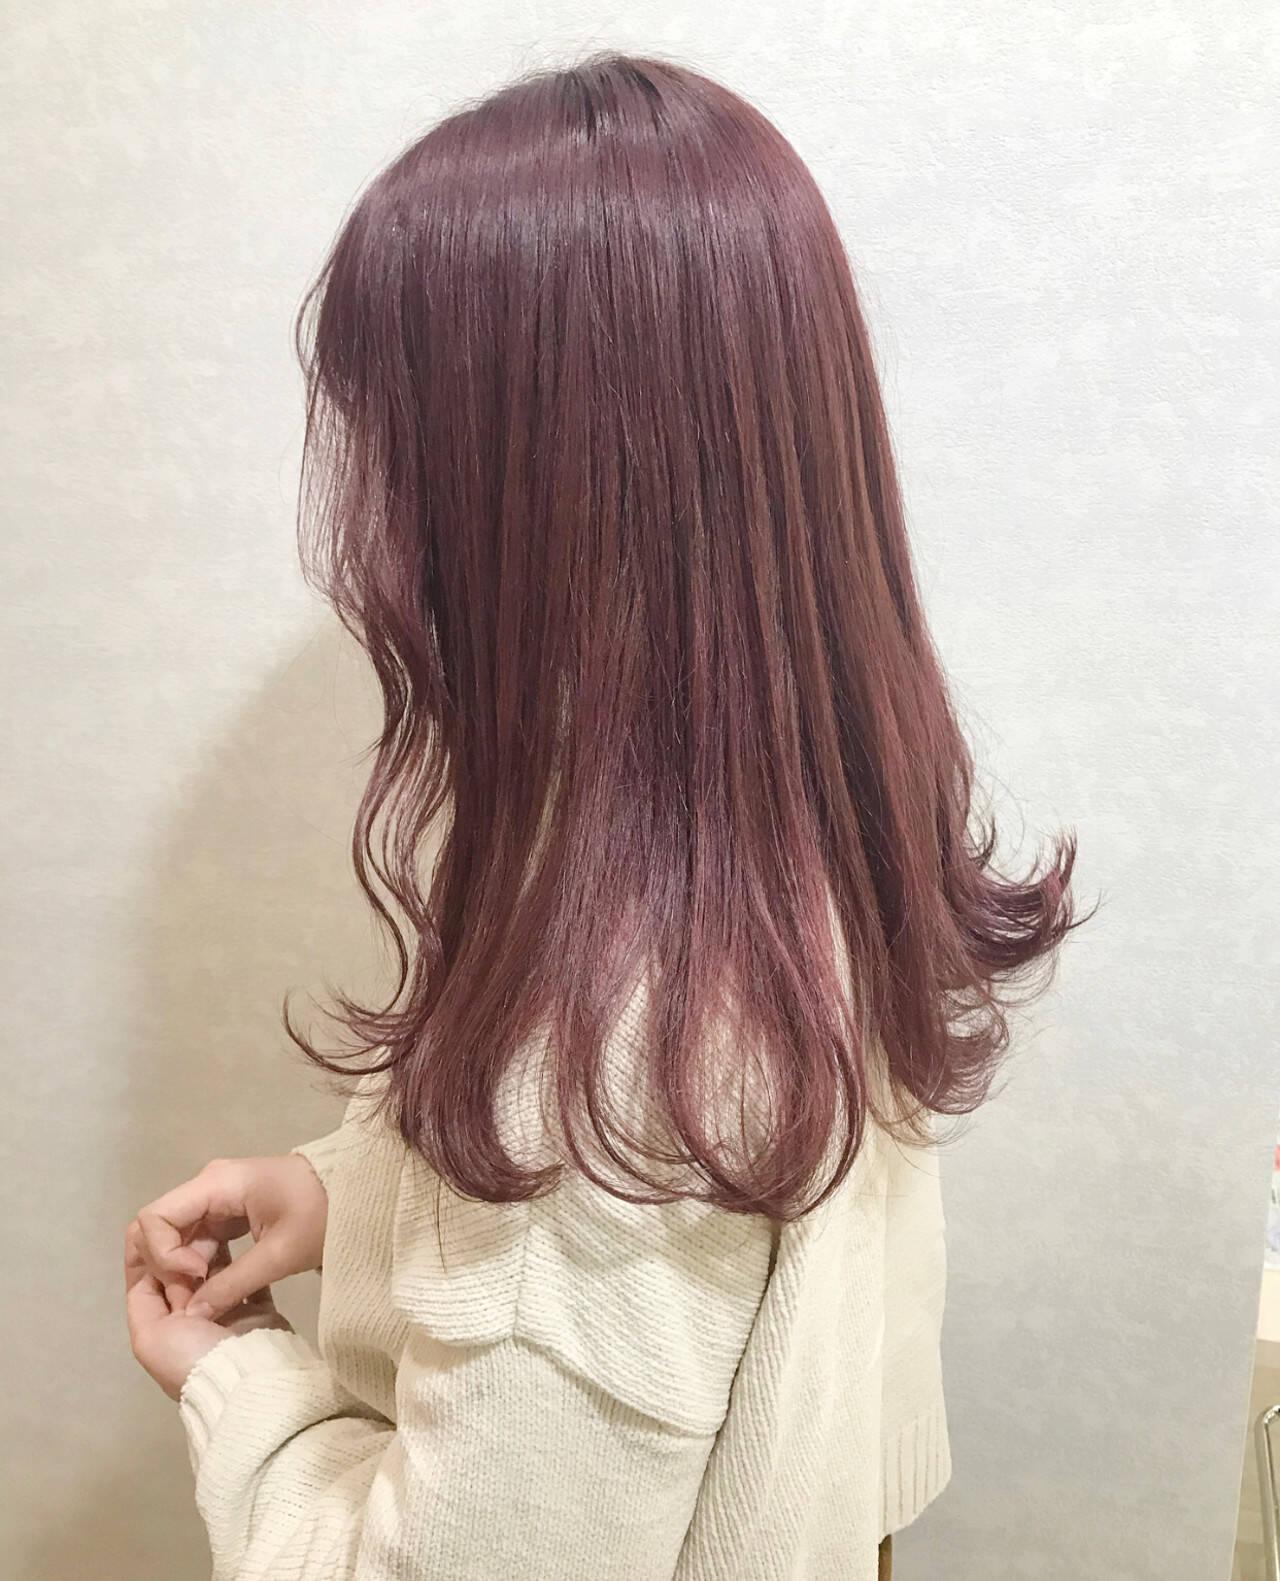 ガーリー ボルドー グレージュ ロングヘアスタイルや髪型の写真・画像